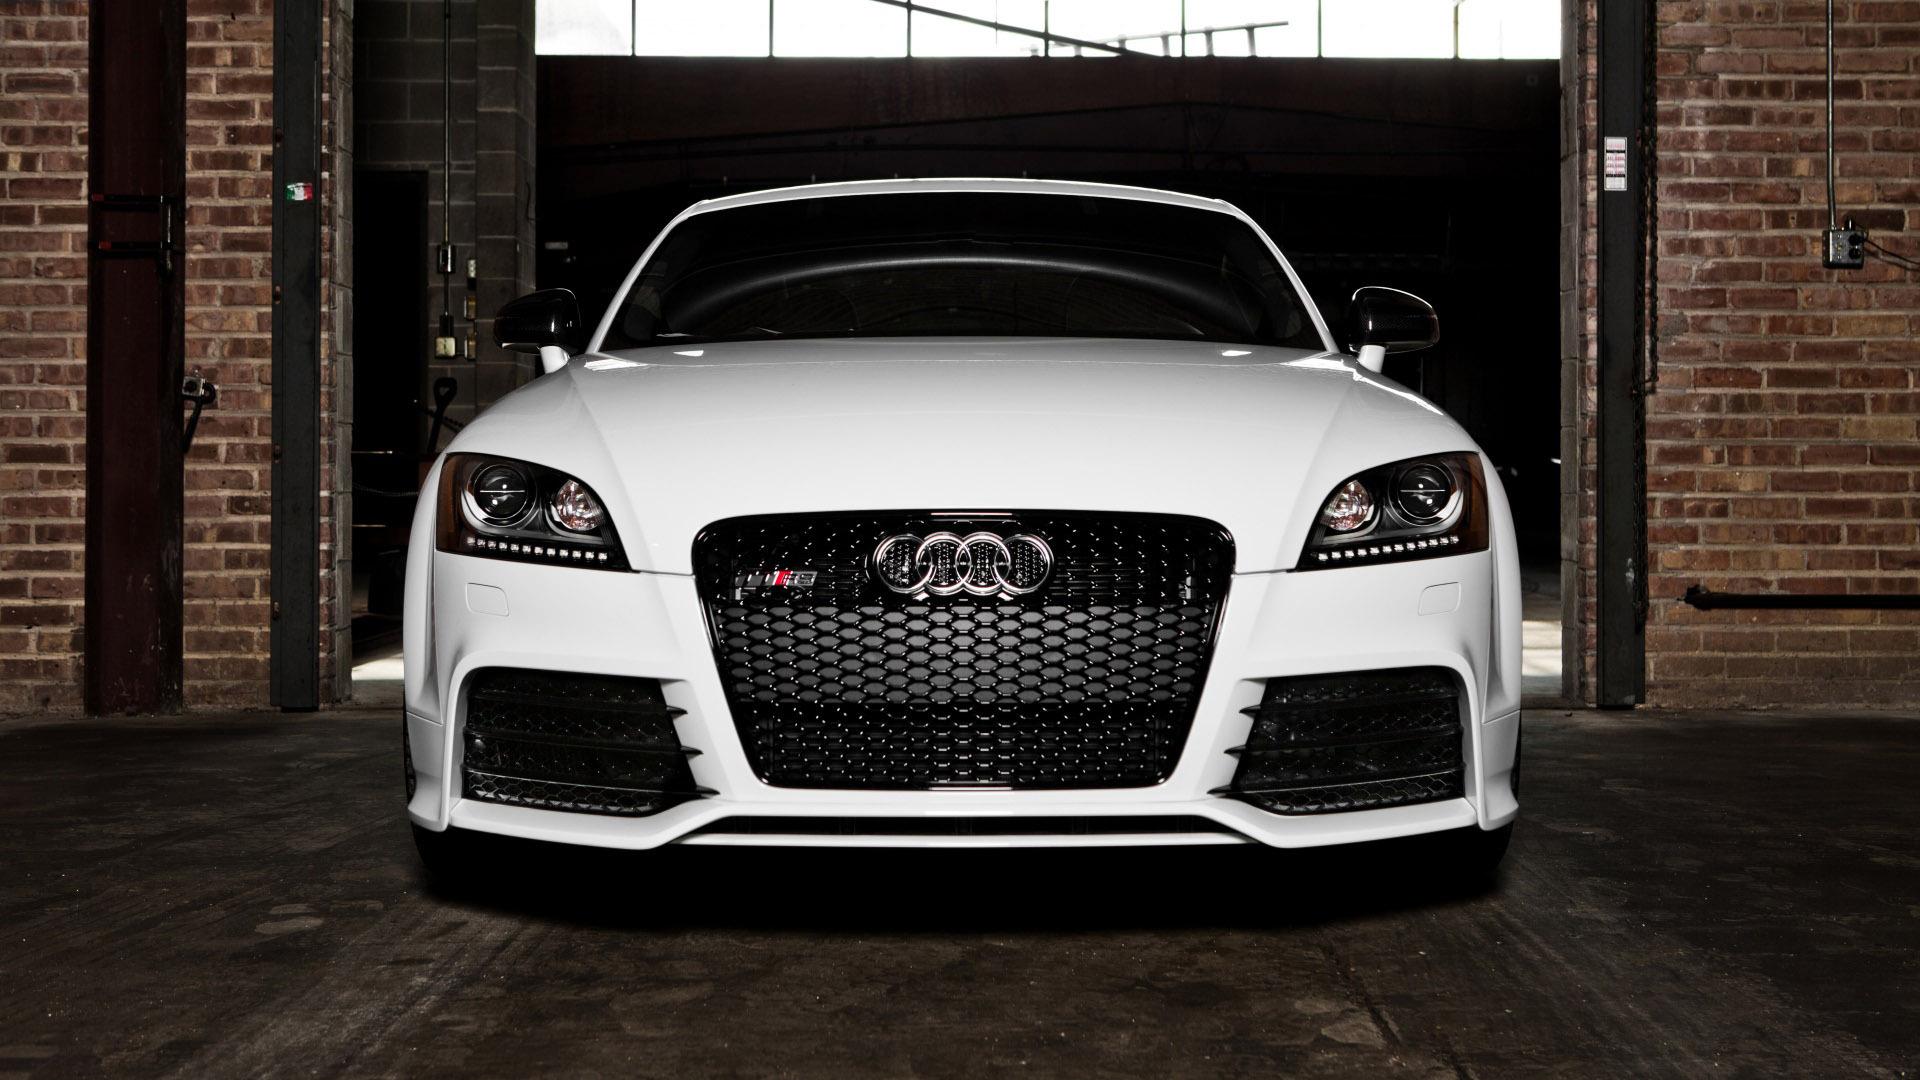 Audi TT RS wallpaper 10243 1920x1080